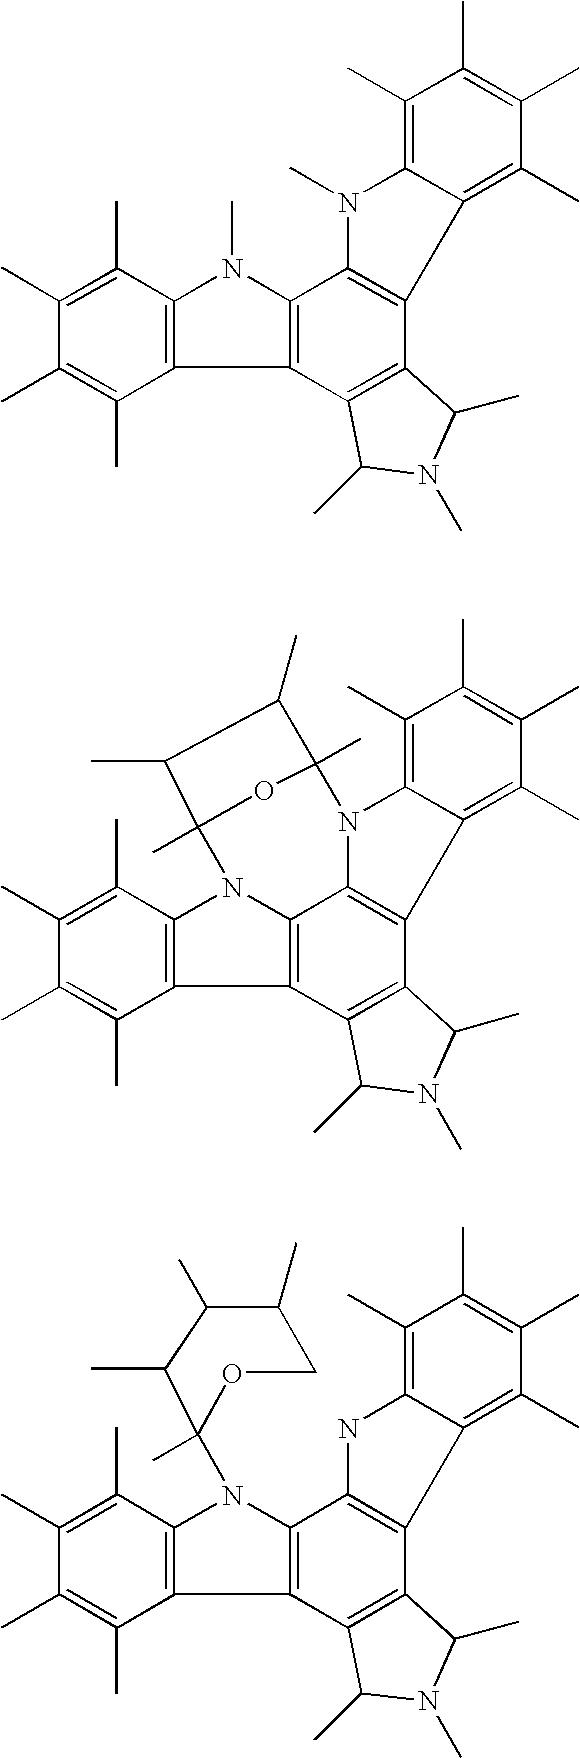 Figure US07727555-20100601-C00002